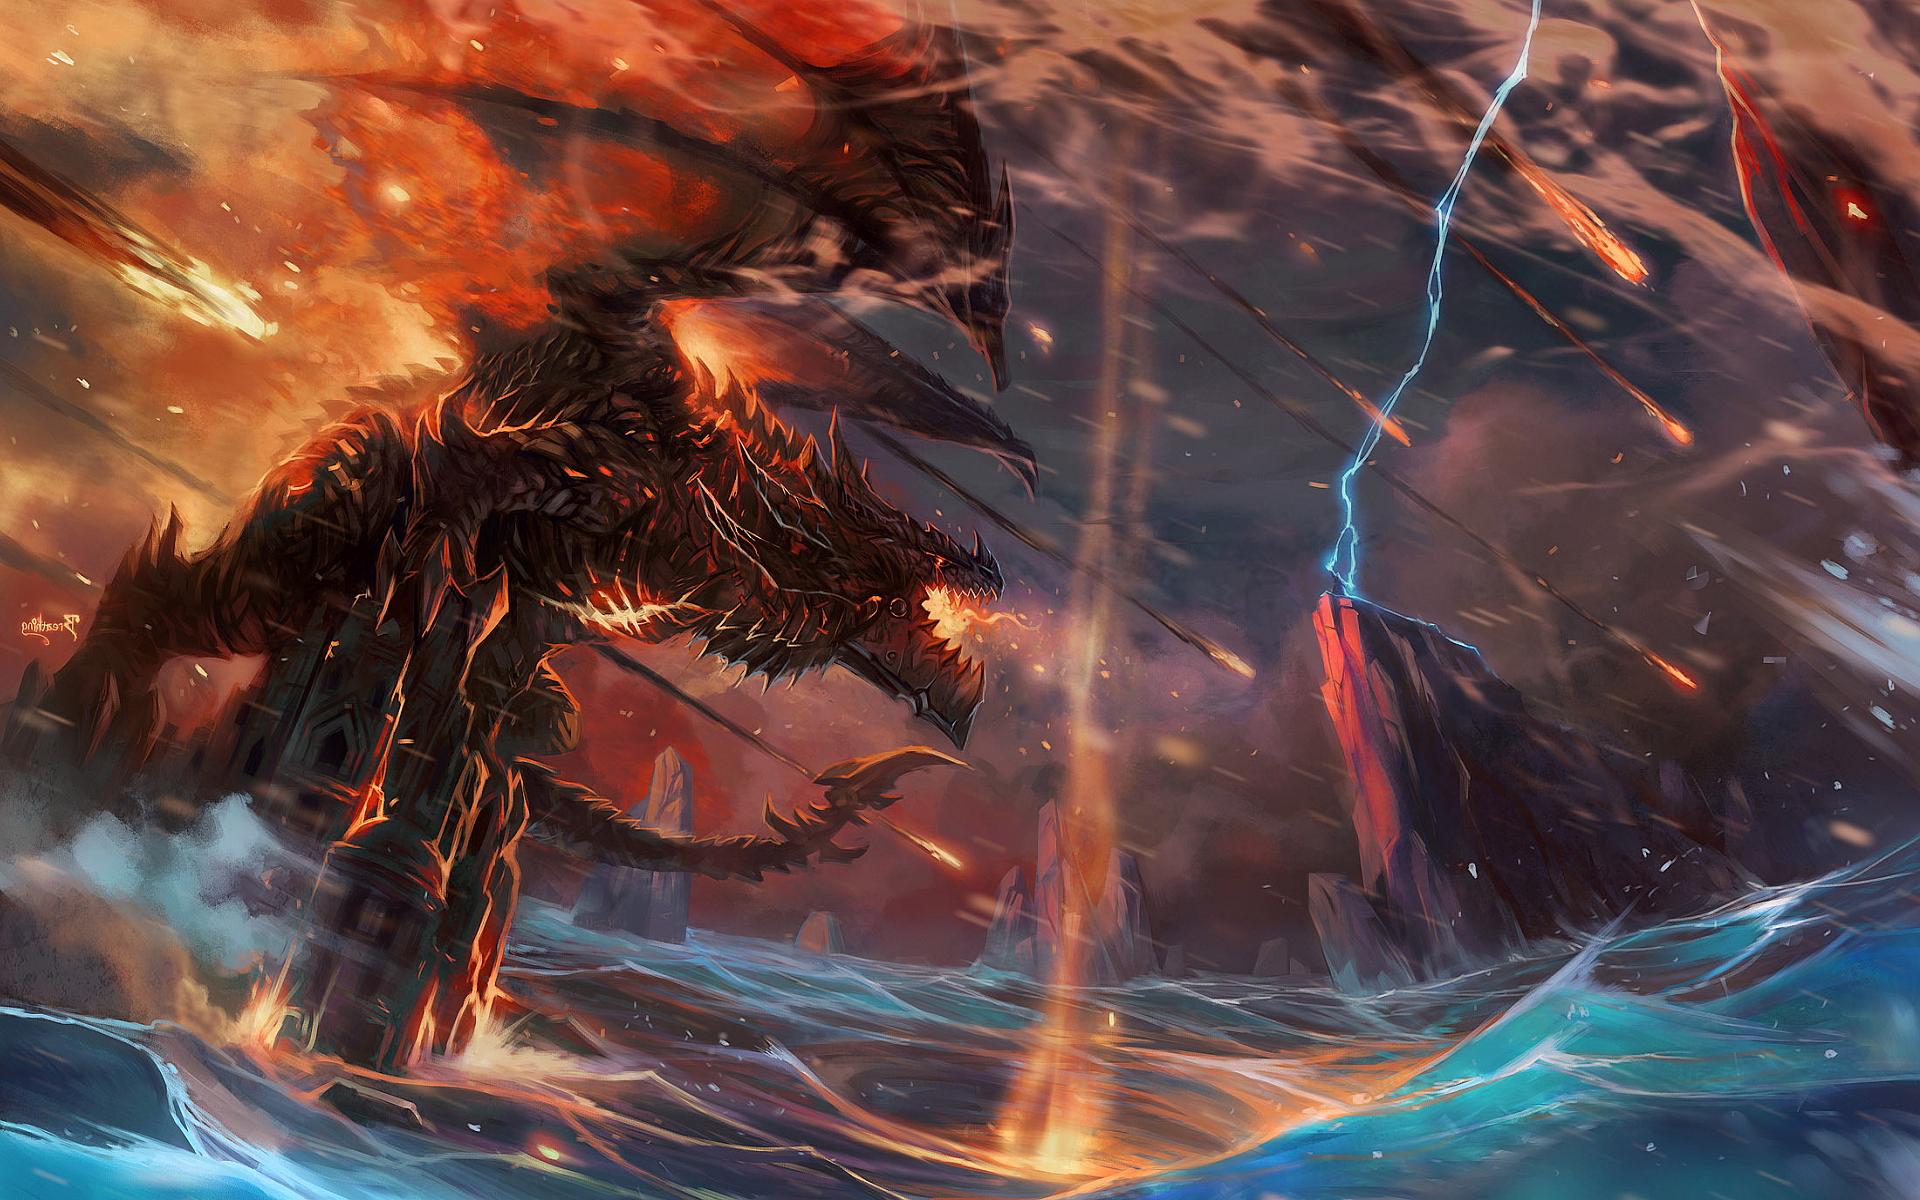 Dragon wow art